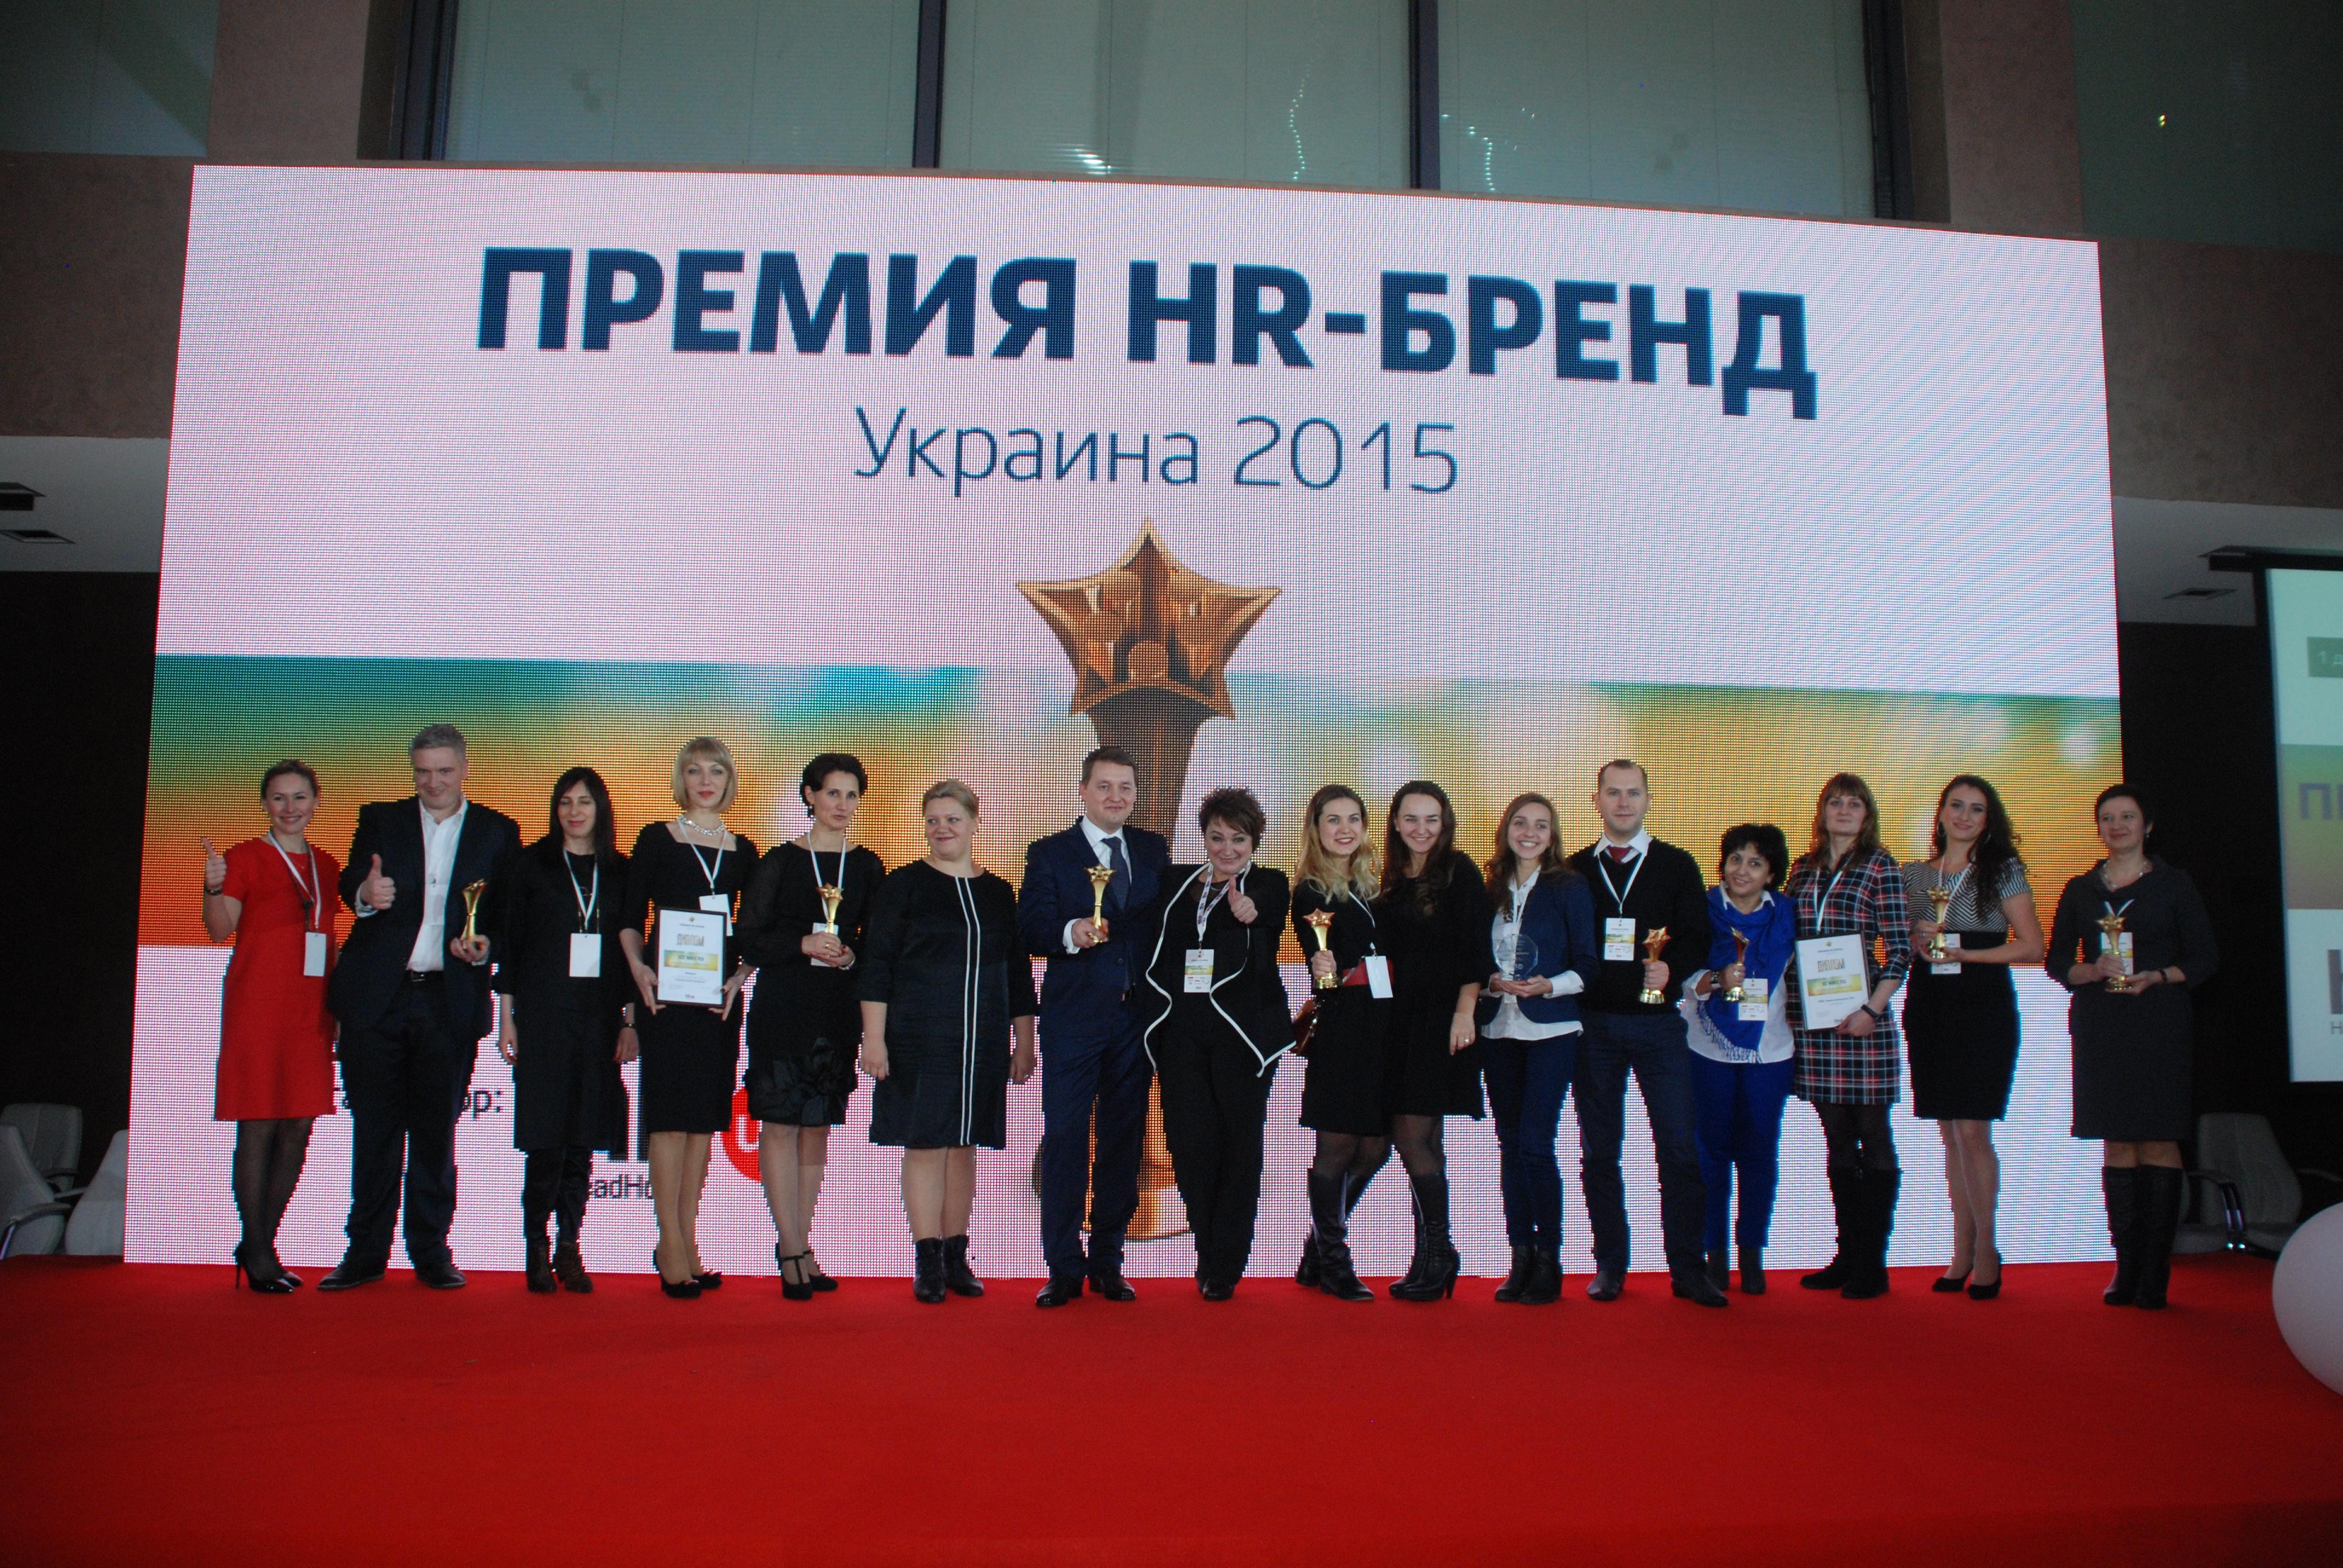 III Всеукраинская практическая конференция «Премия HR–бренд Украина 2015». Итоги